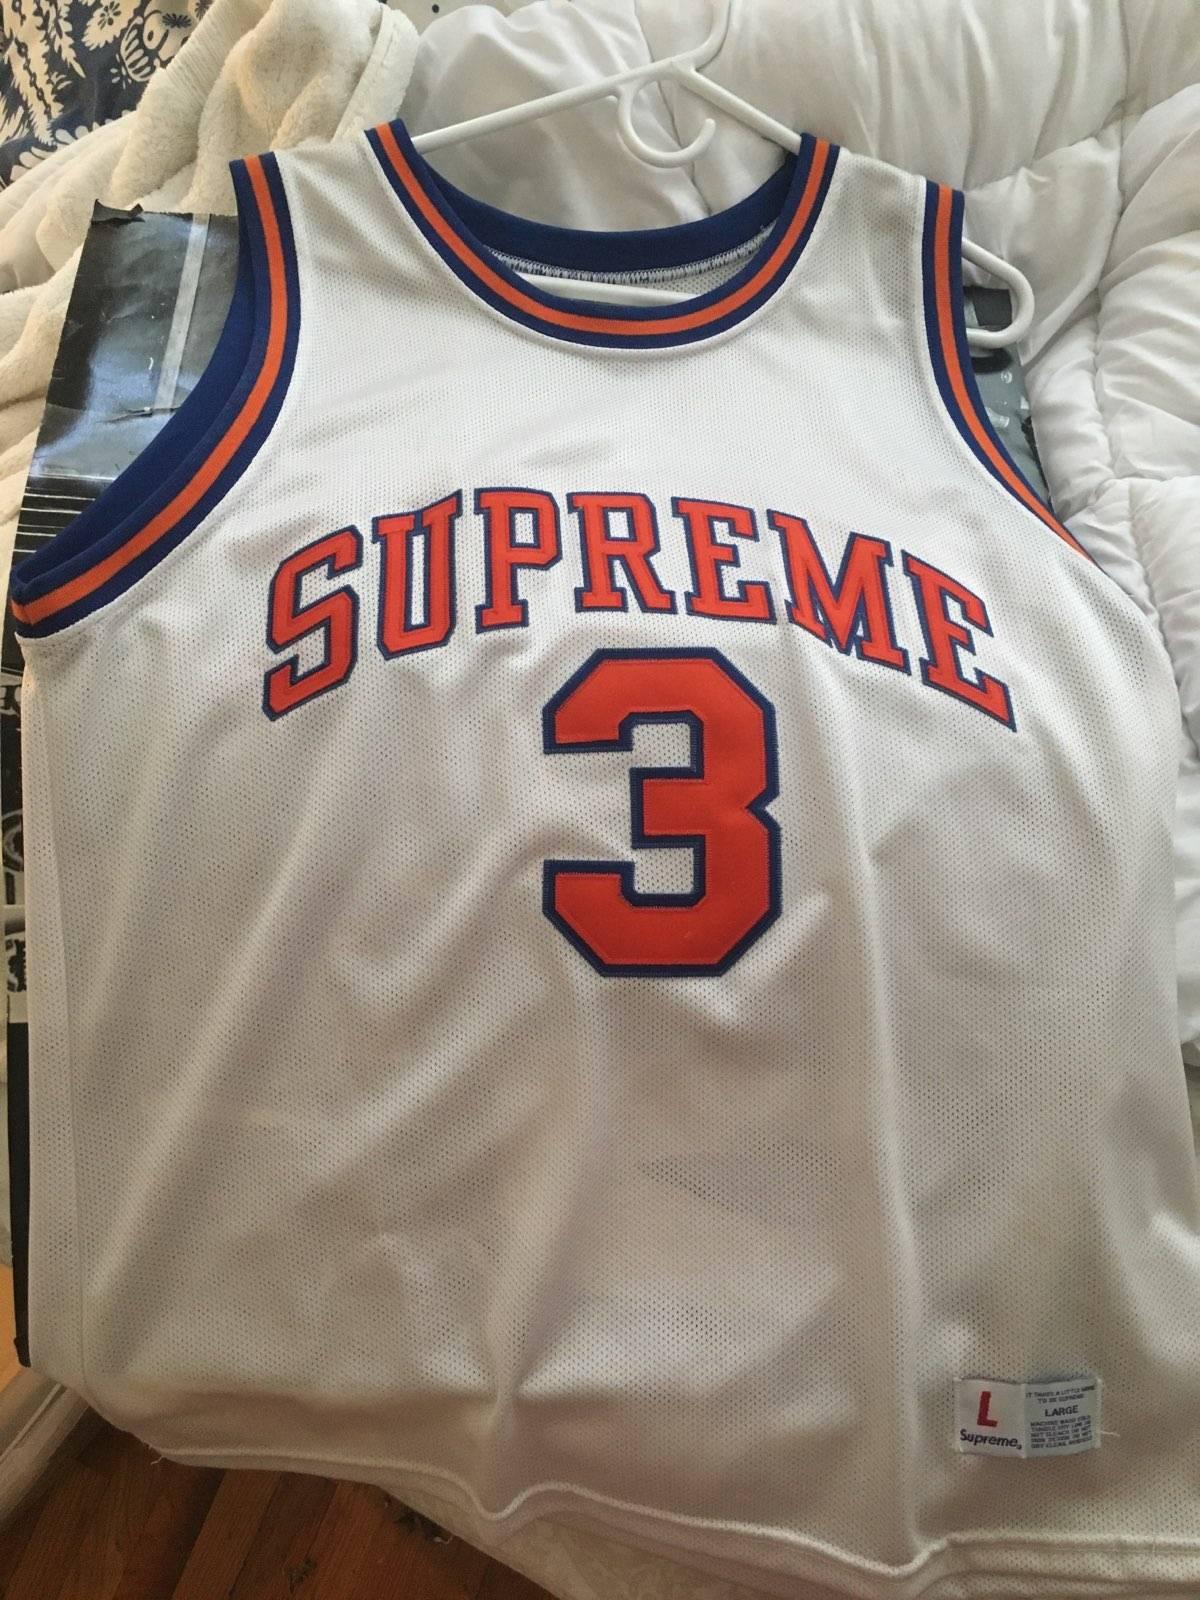 info for 740c2 694dd Supreme × Vintage Og Rare Supreme John Starks #3 New York Knicks Home  Jersey Size L $259